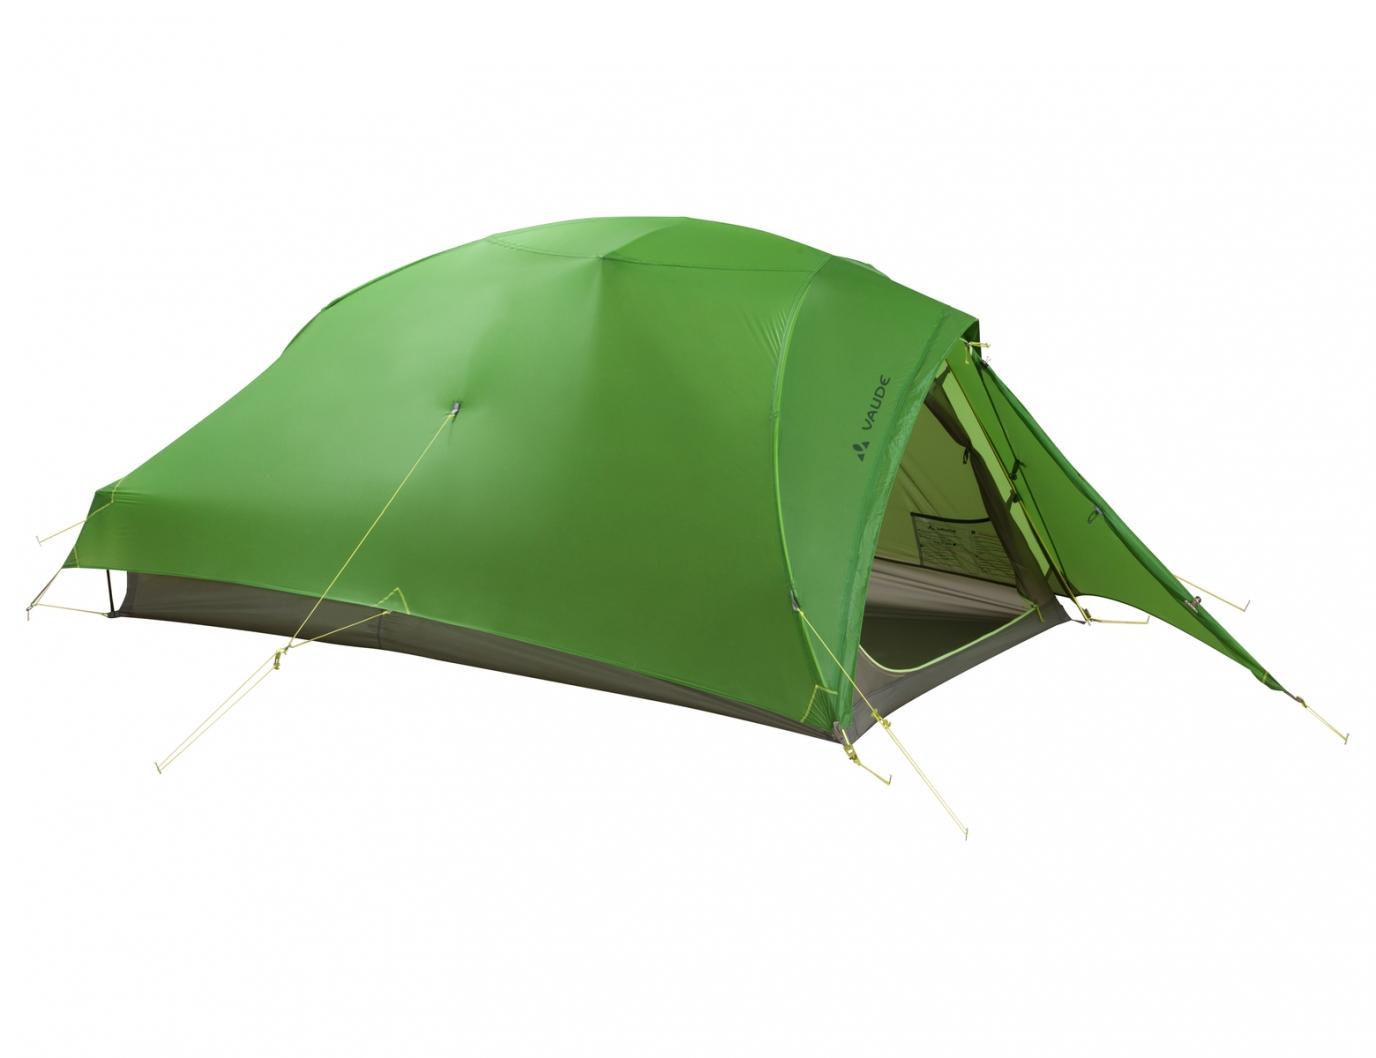 Ultralight Zelt Gebraucht : Vaude hogan super ultralight personen zelt cress green